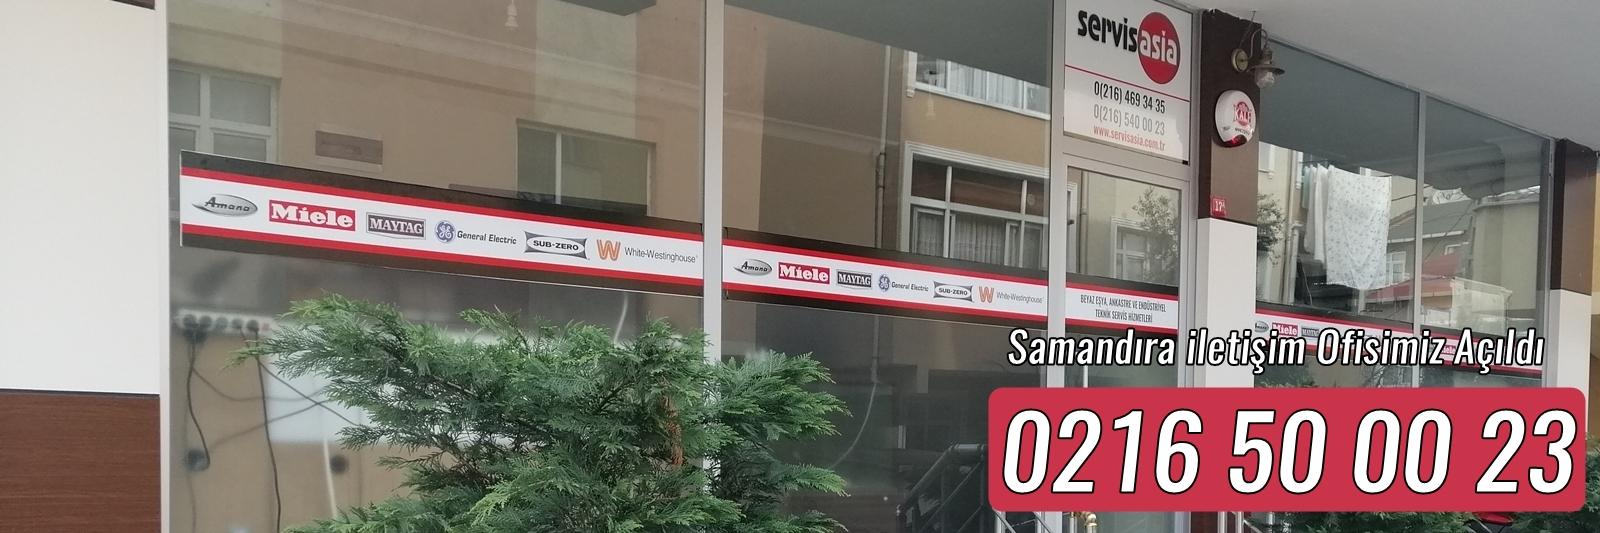 Samandıra iletişim Ofisimiz Açıldı